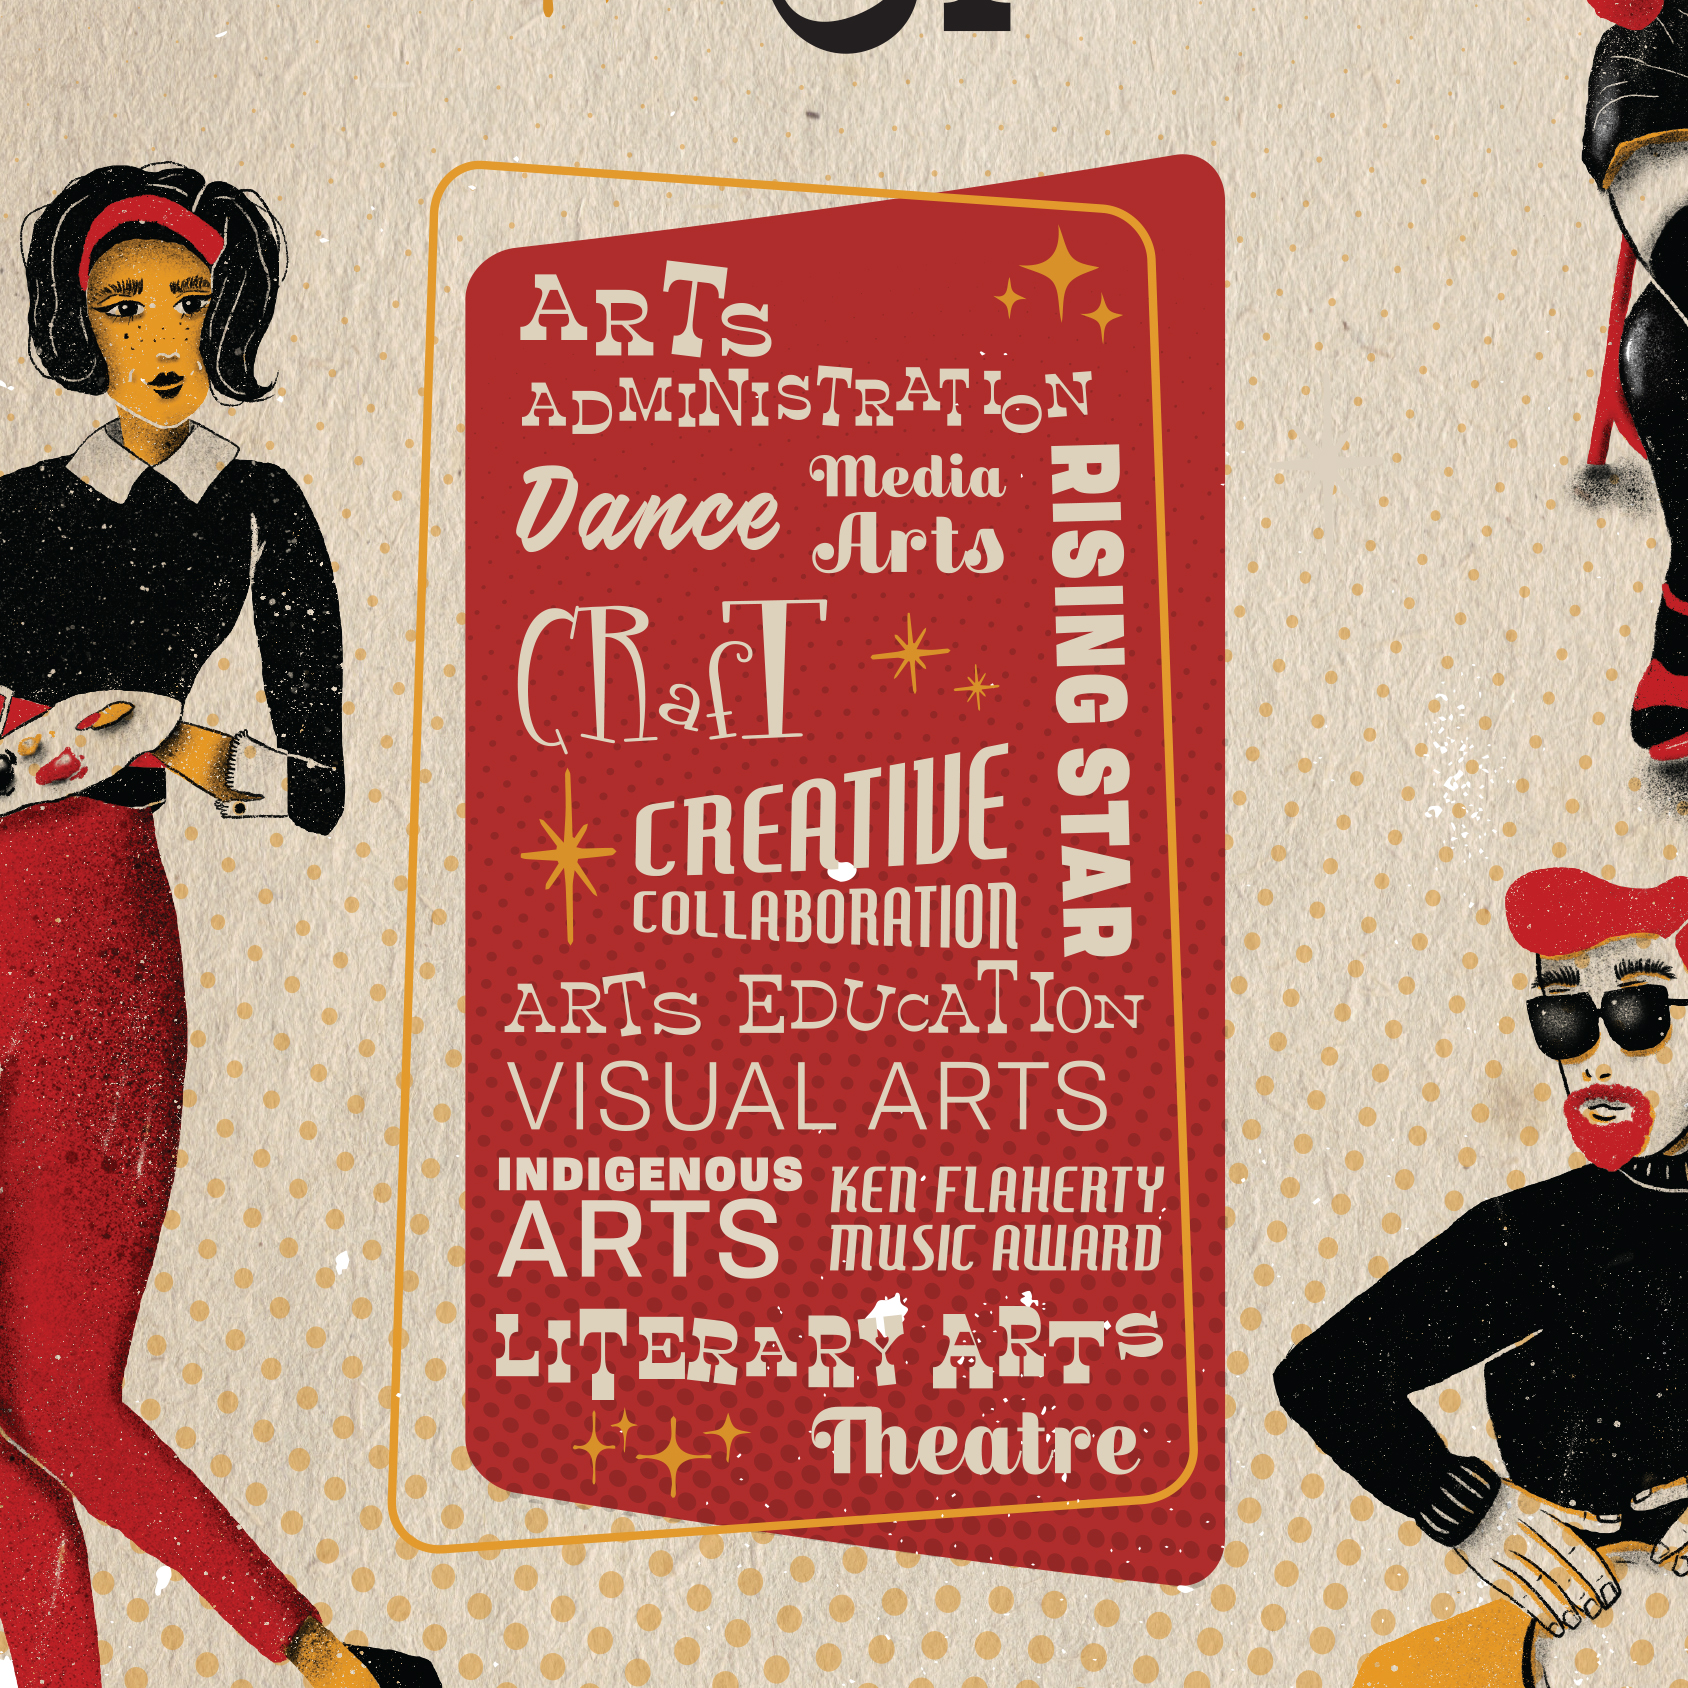 Poster detail